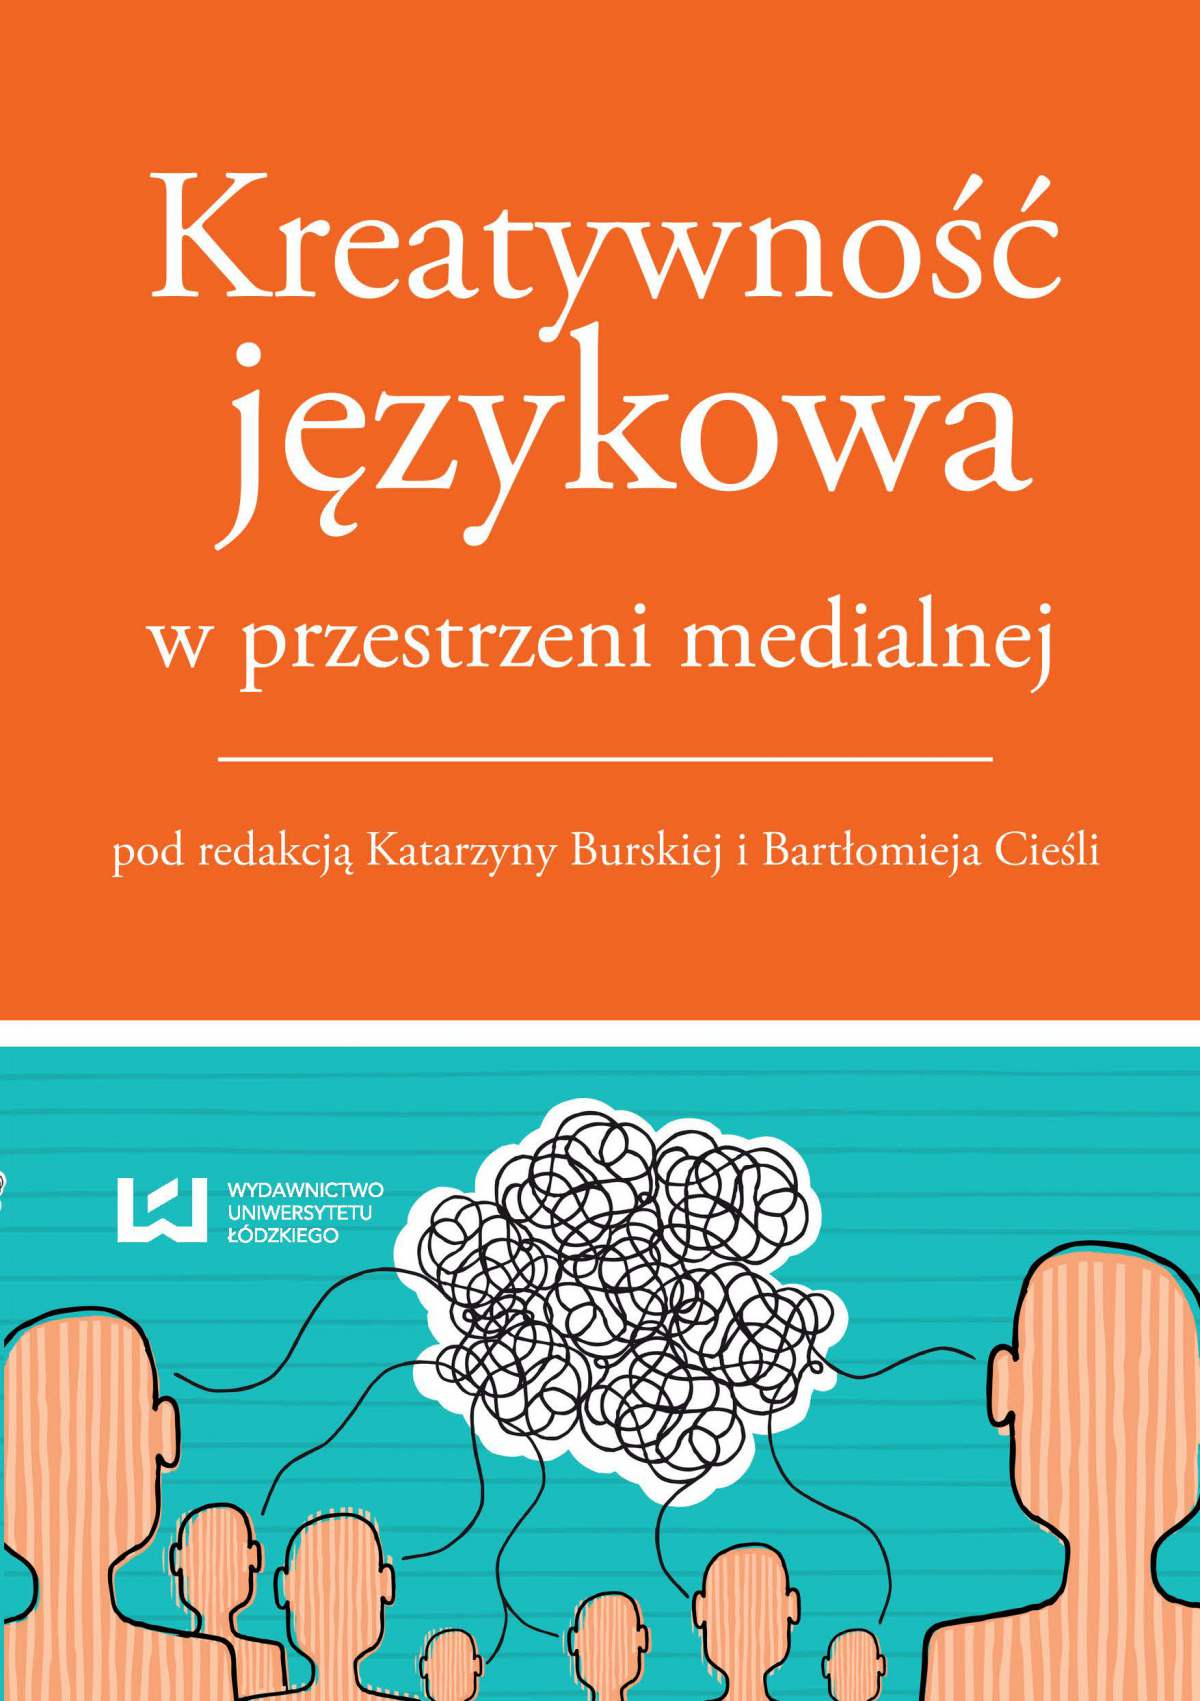 Kreatywność językowa w przestrzeni medialnej - Ebook (Książka PDF) do pobrania w formacie PDF